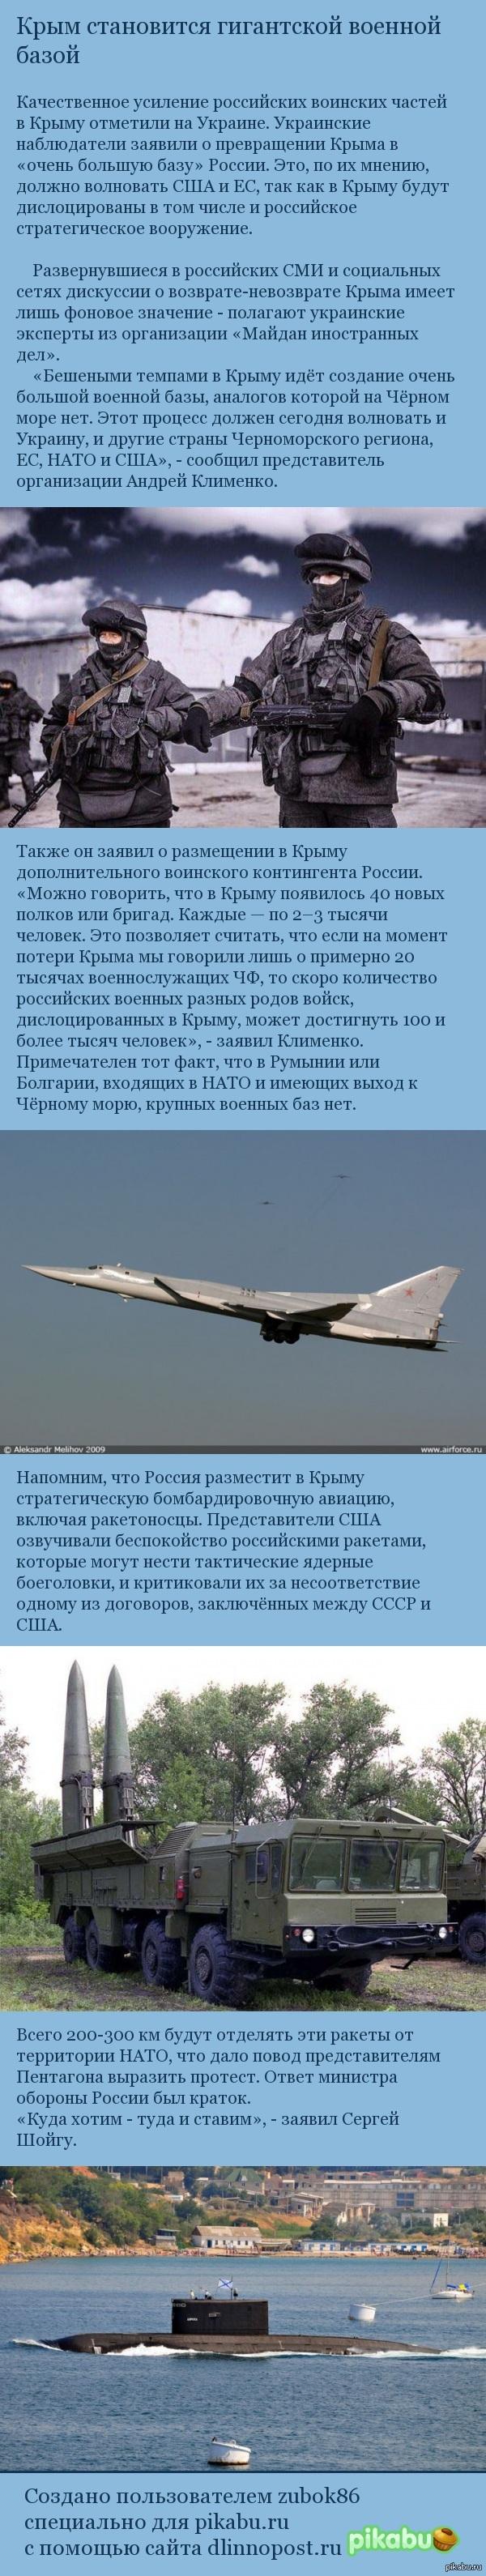 Крым станет гигантской военной базой